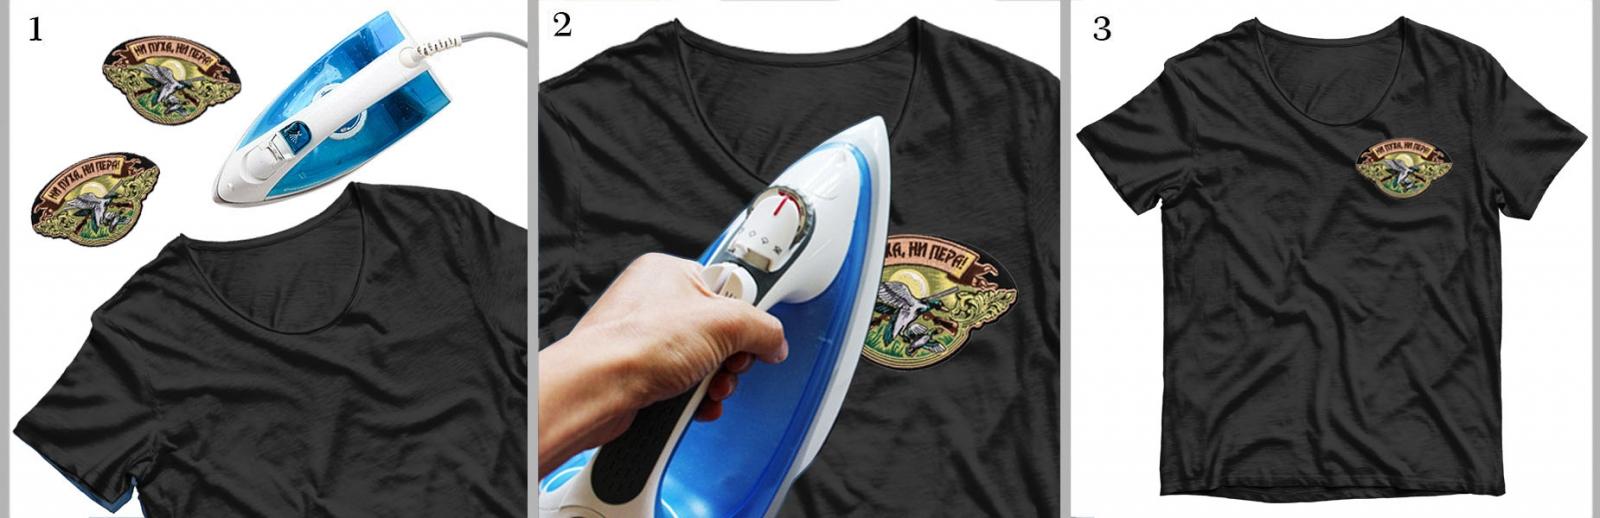 """Нашивка охотника """"Ни пуха, ни пера!"""" на футболке"""